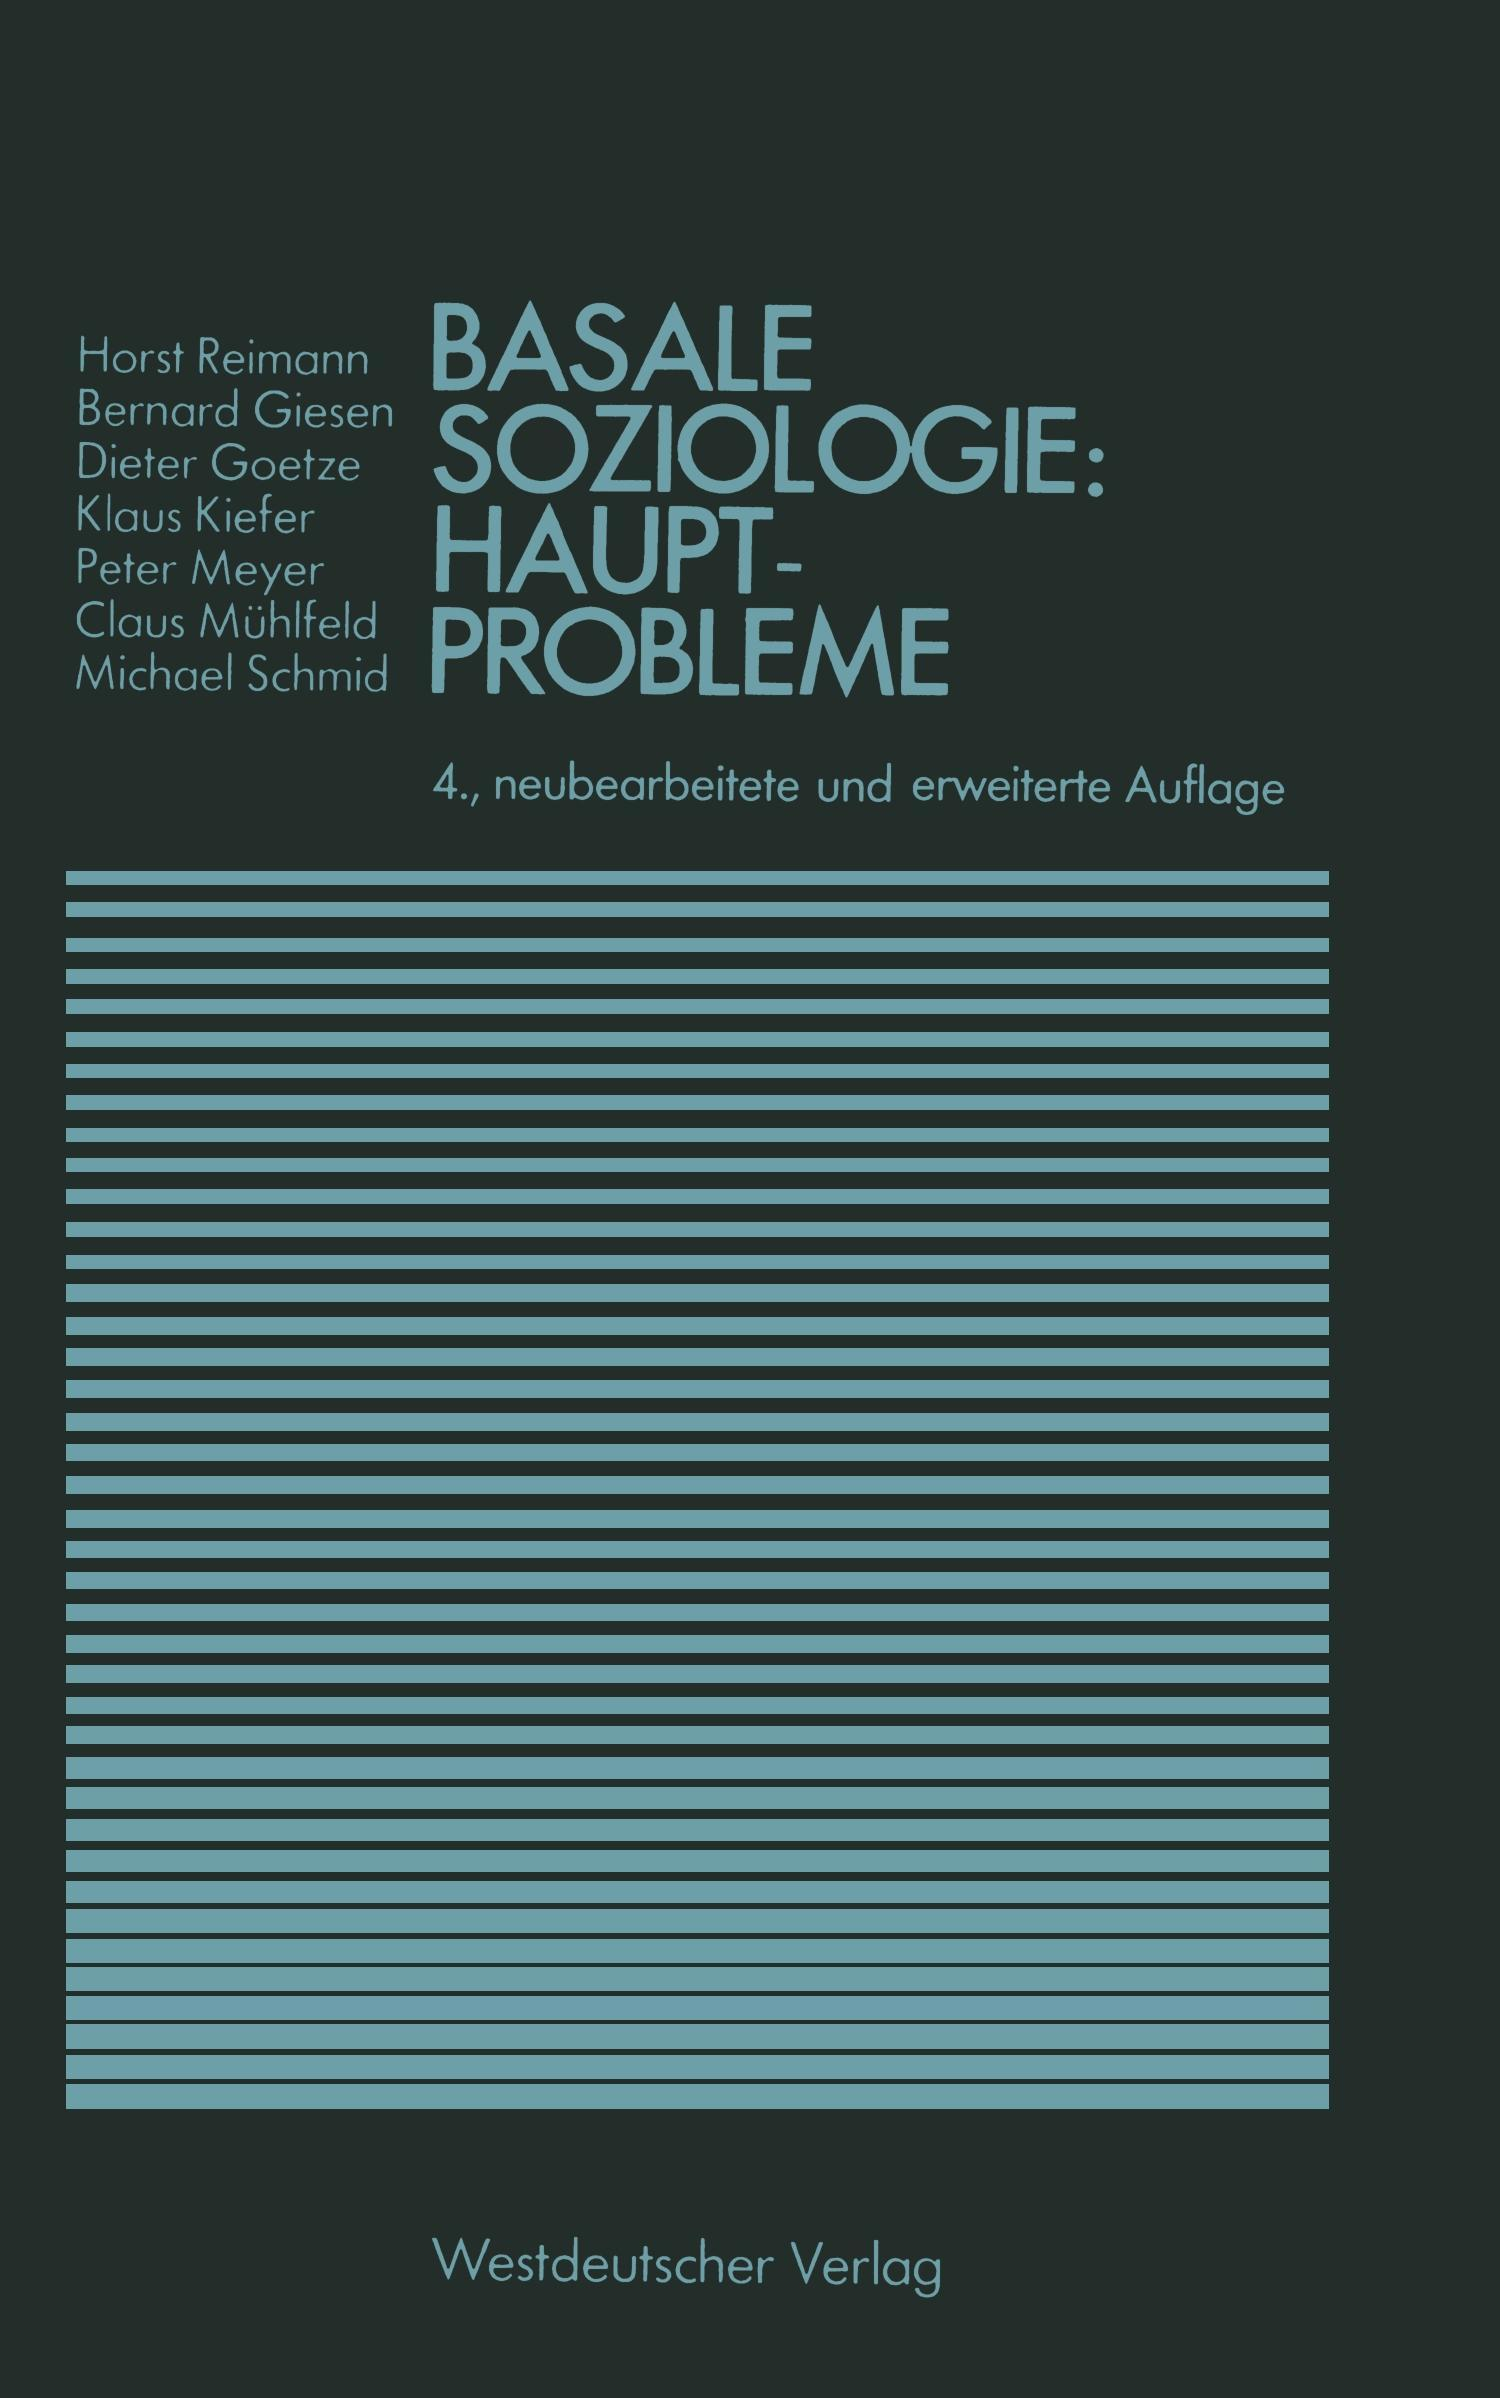 Basale Soziologie: Hauptprobleme - Reimann, Horst|Giesen, Bernhard|Goetze, Dieter